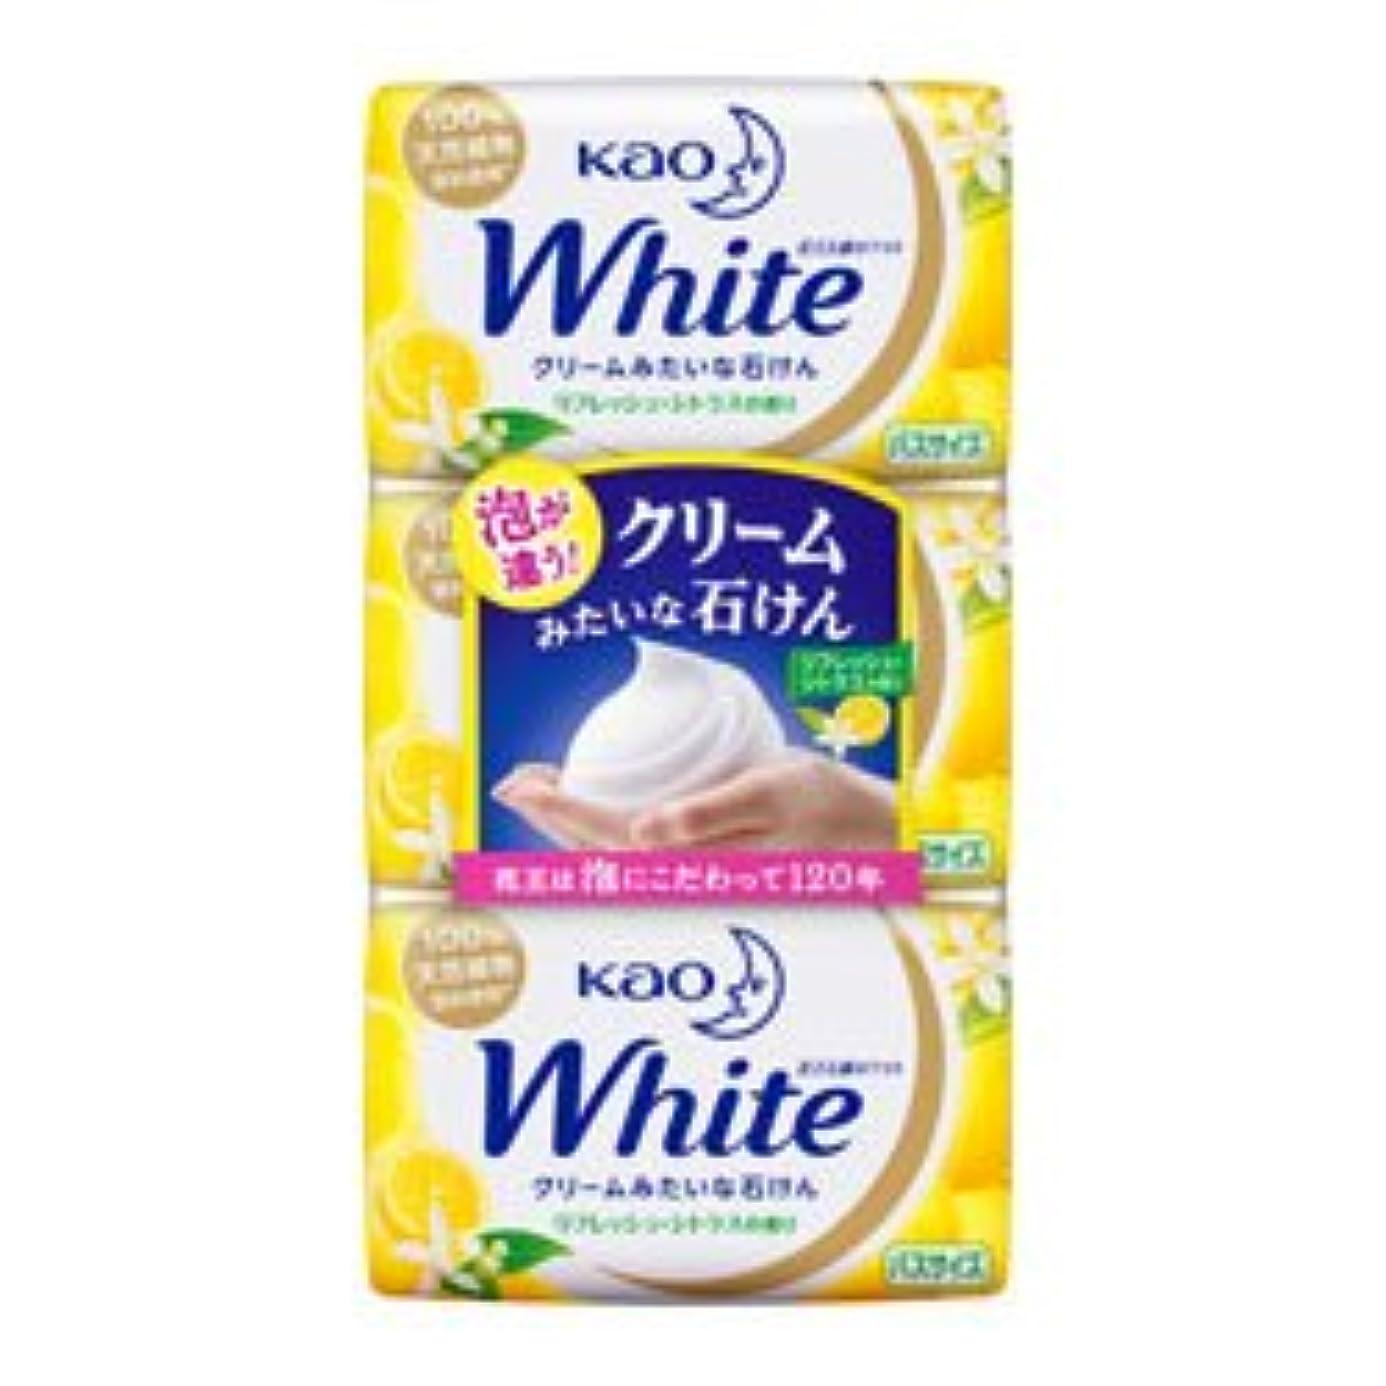 投票自慢超えて【花王】ホワイト リフレッシュ?シトラスの香り バスサイズ 130g×3個入 ×20個セット